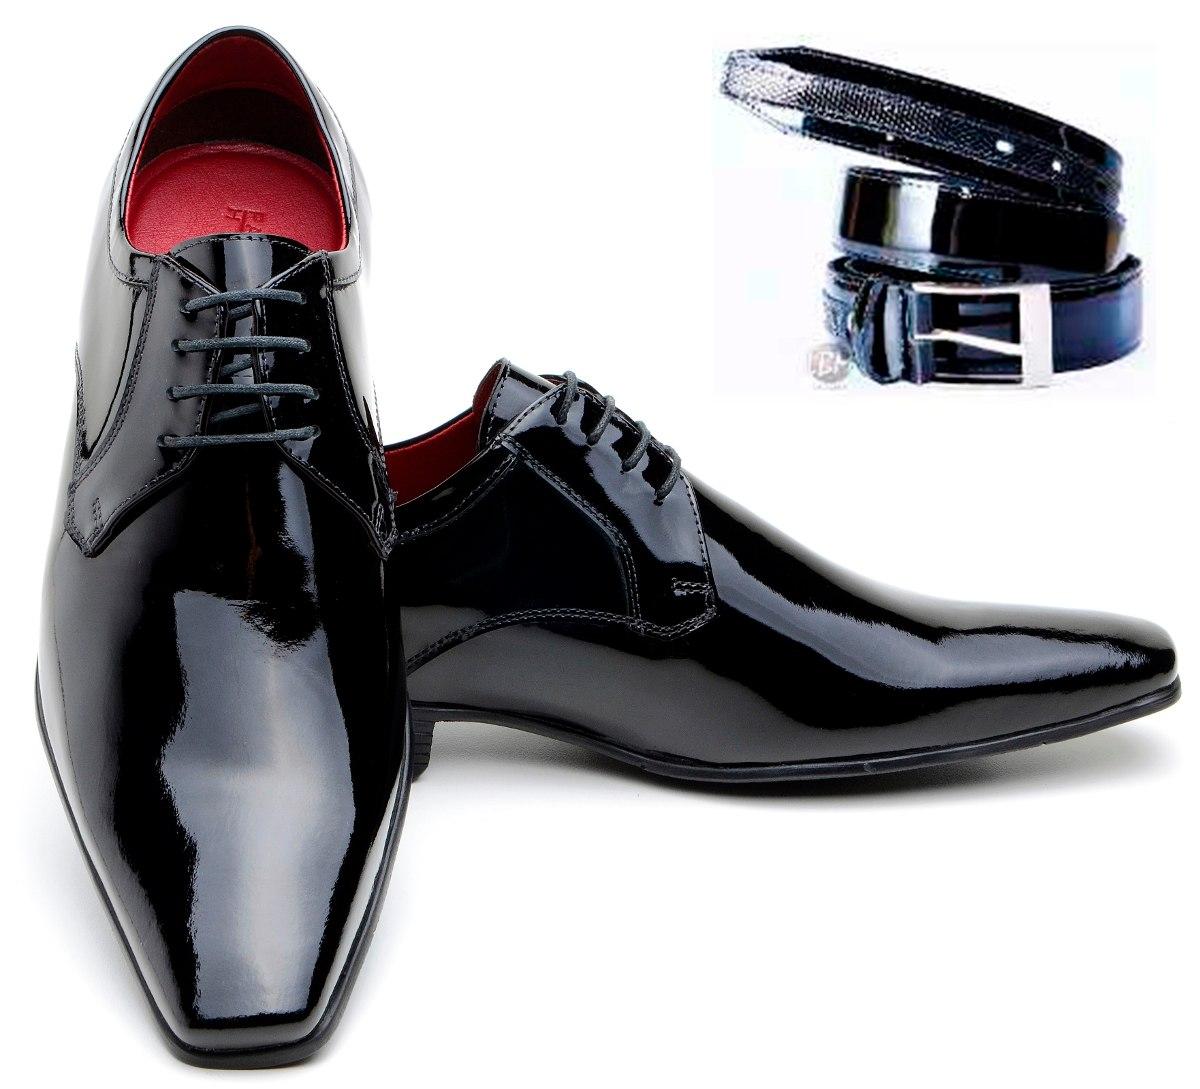 1004e87af0 sapato social de verniz preto liso em couro legítimo e cinto. Carregando  zoom.